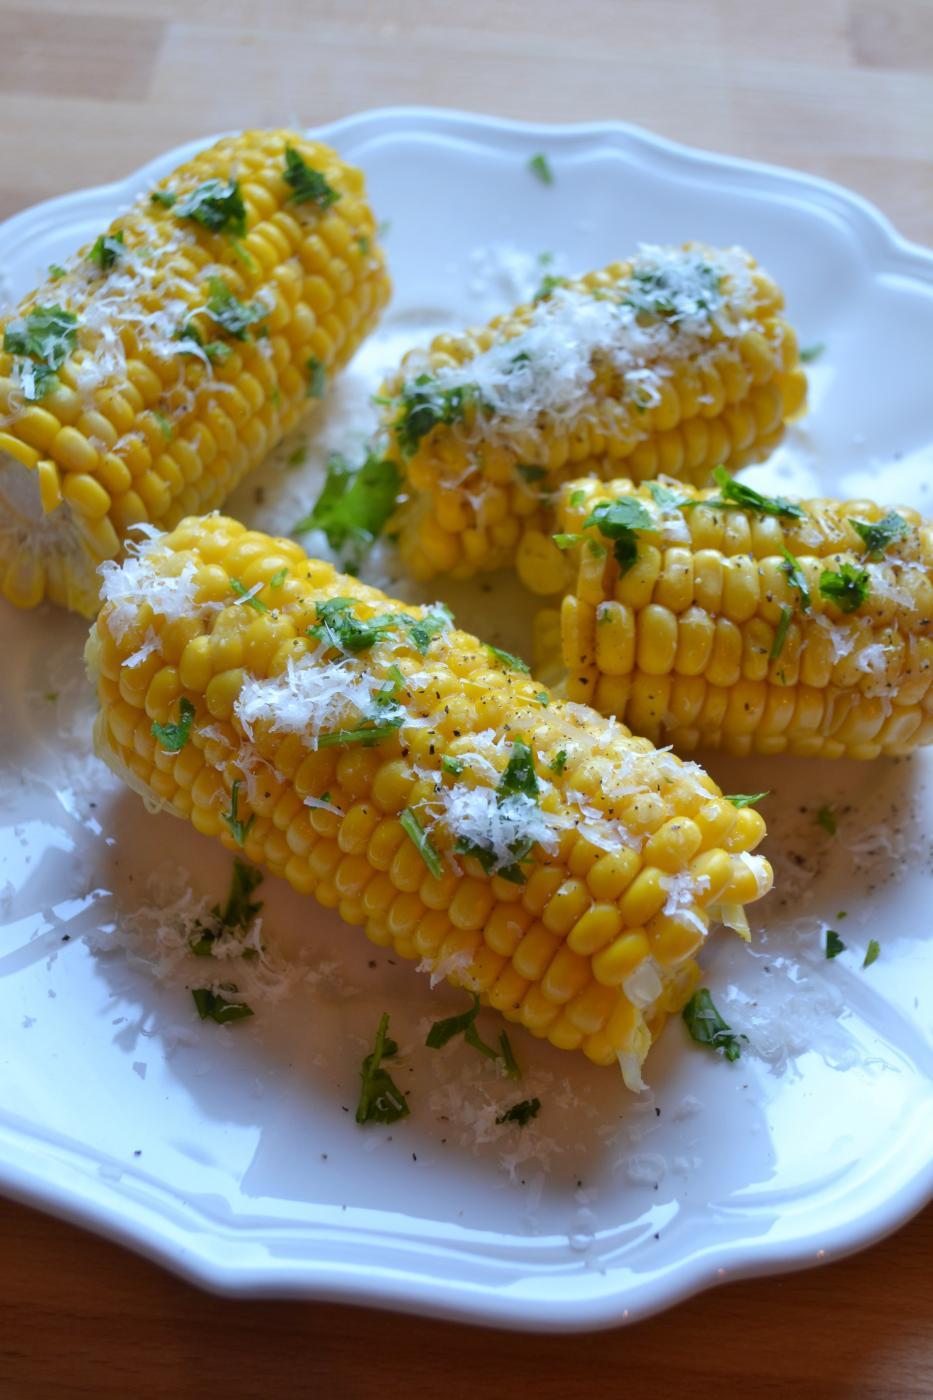 Lasten kasvattamat maissit päätyivät lautaselle